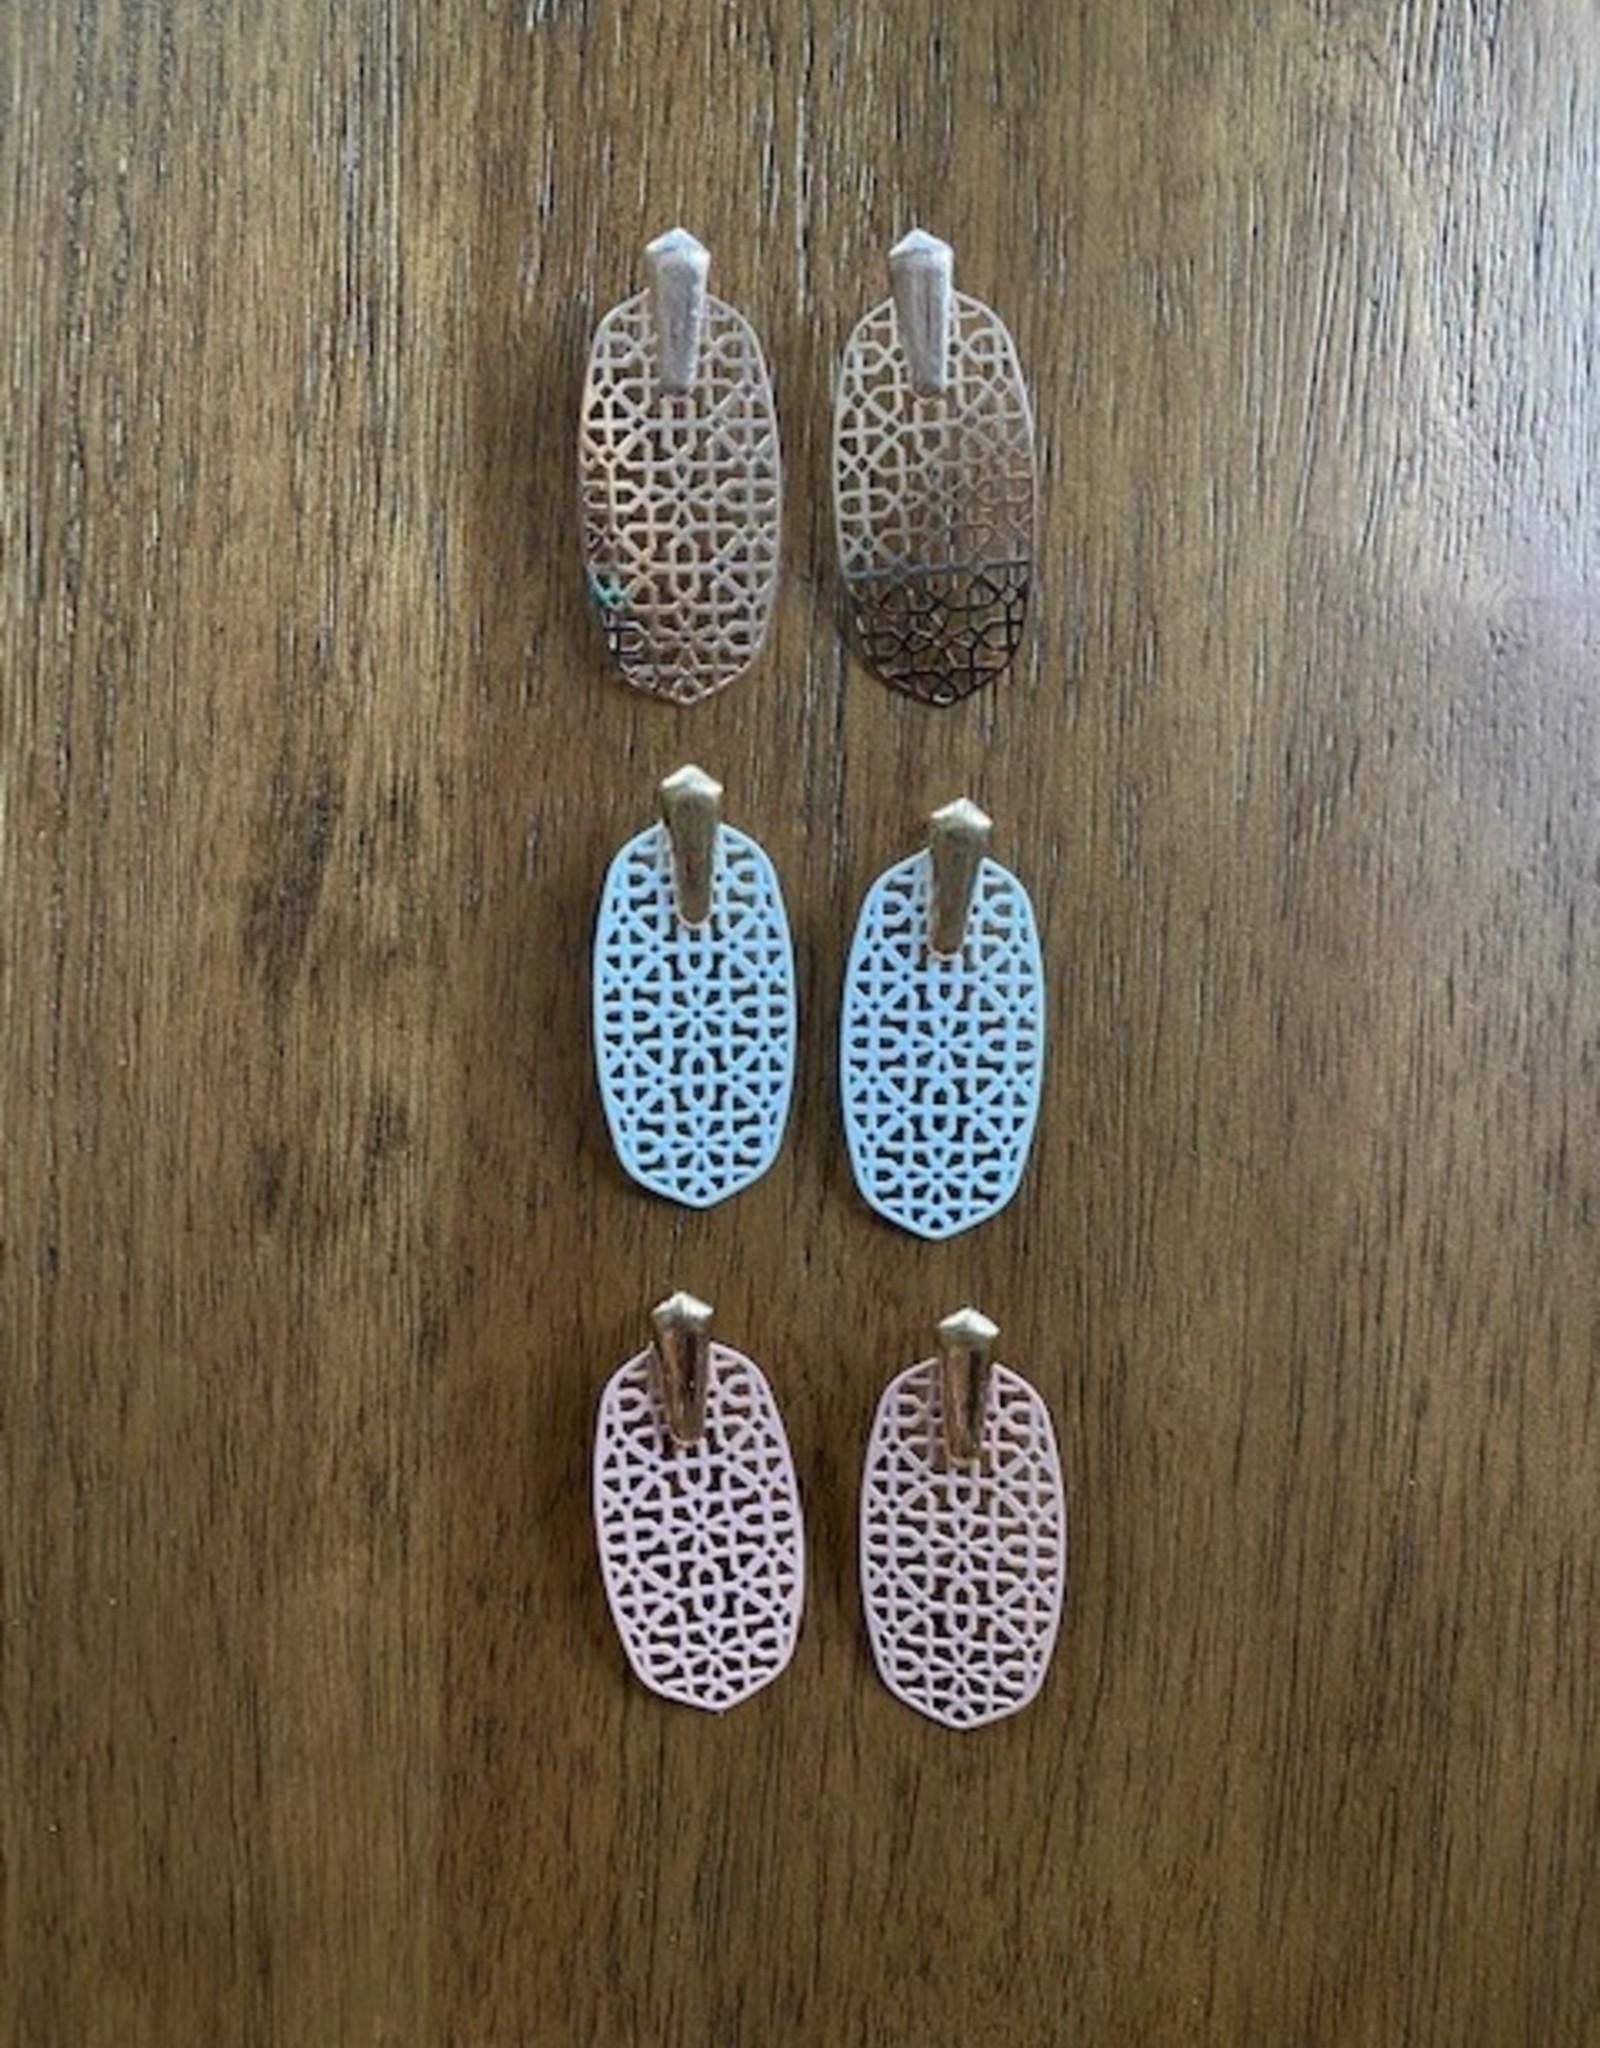 Wink The Jane Earrings